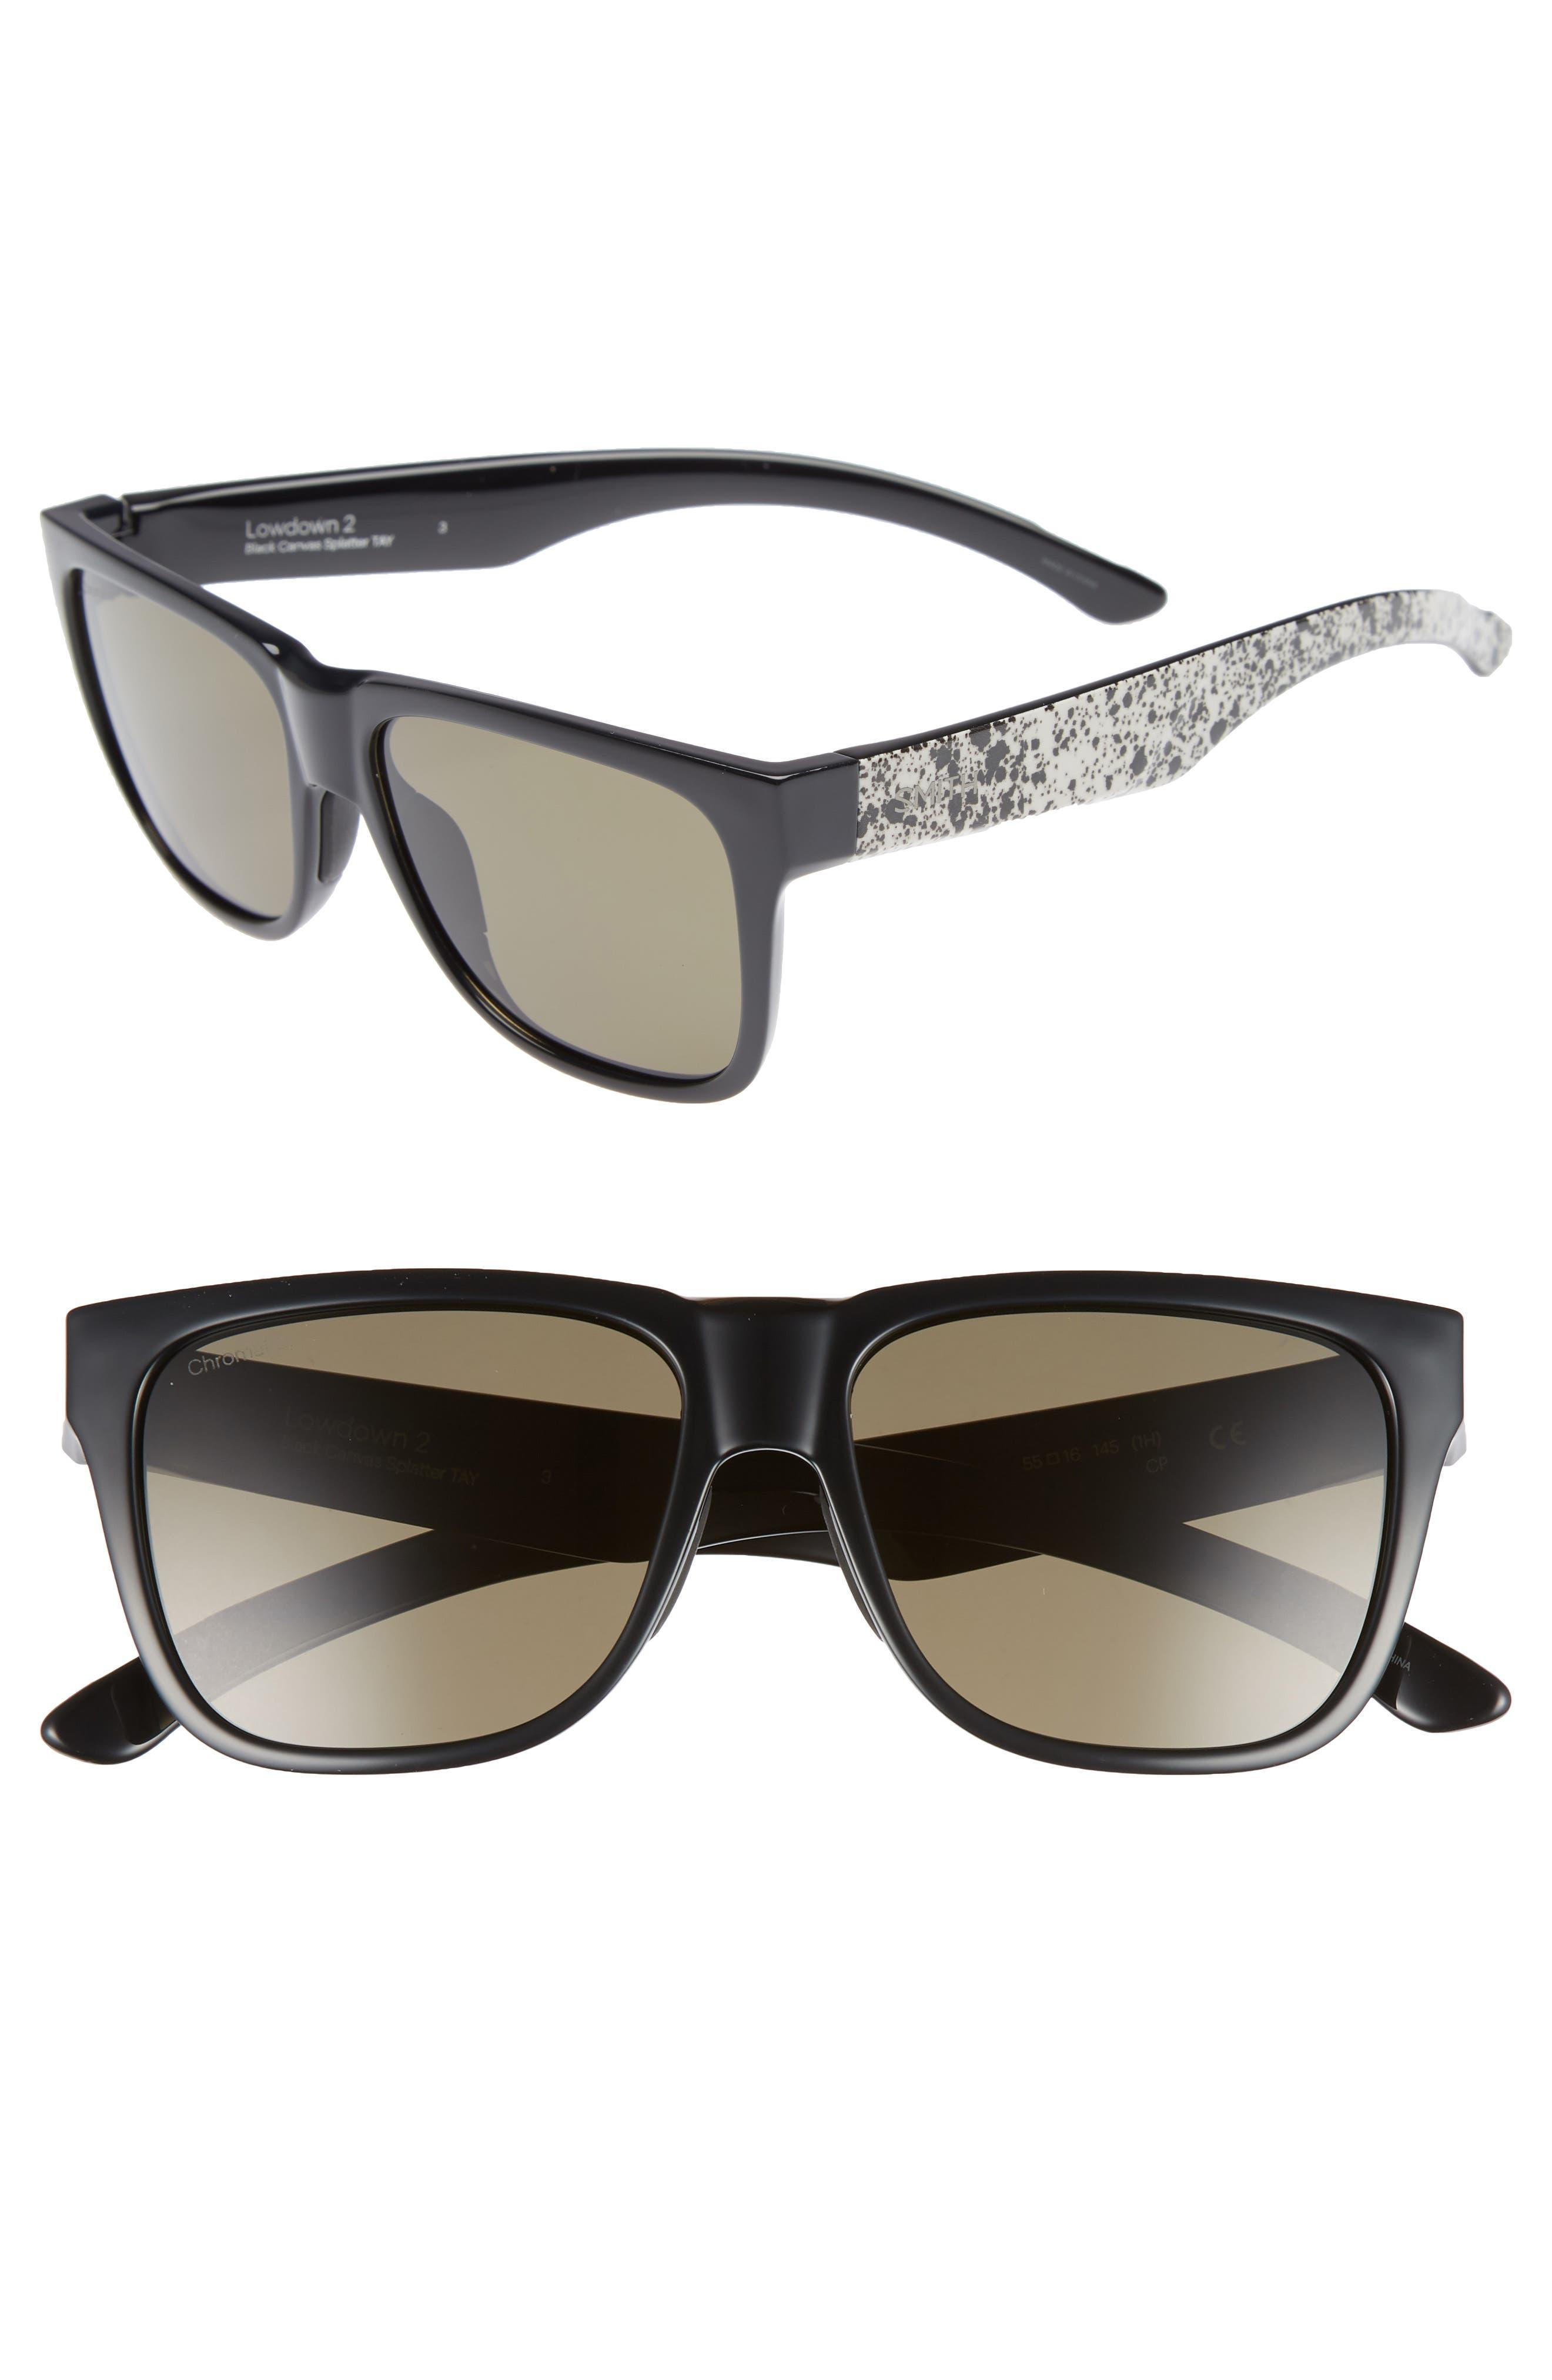 Outlier 2 57mm ChromaPop<sup>™</sup> Sunglasses,                         Main,                         color, MATTE BLACK/ GREY GREEN